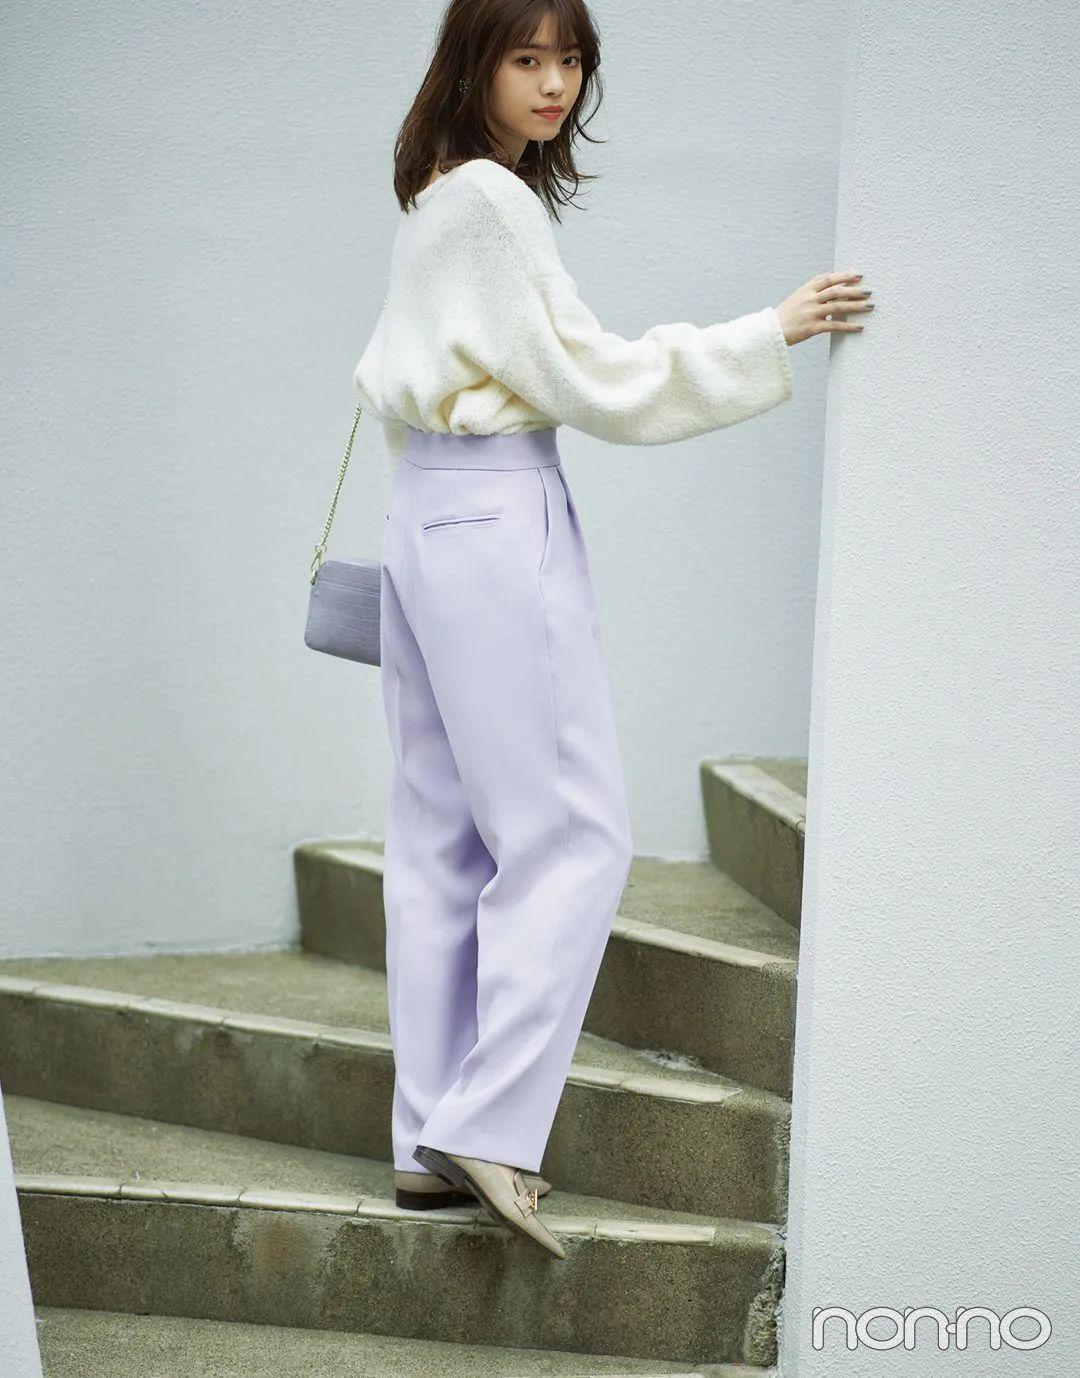 写真 – 刚出道的西野七濑和现在对比一下,漂亮是这样炼成的_图片 No.14